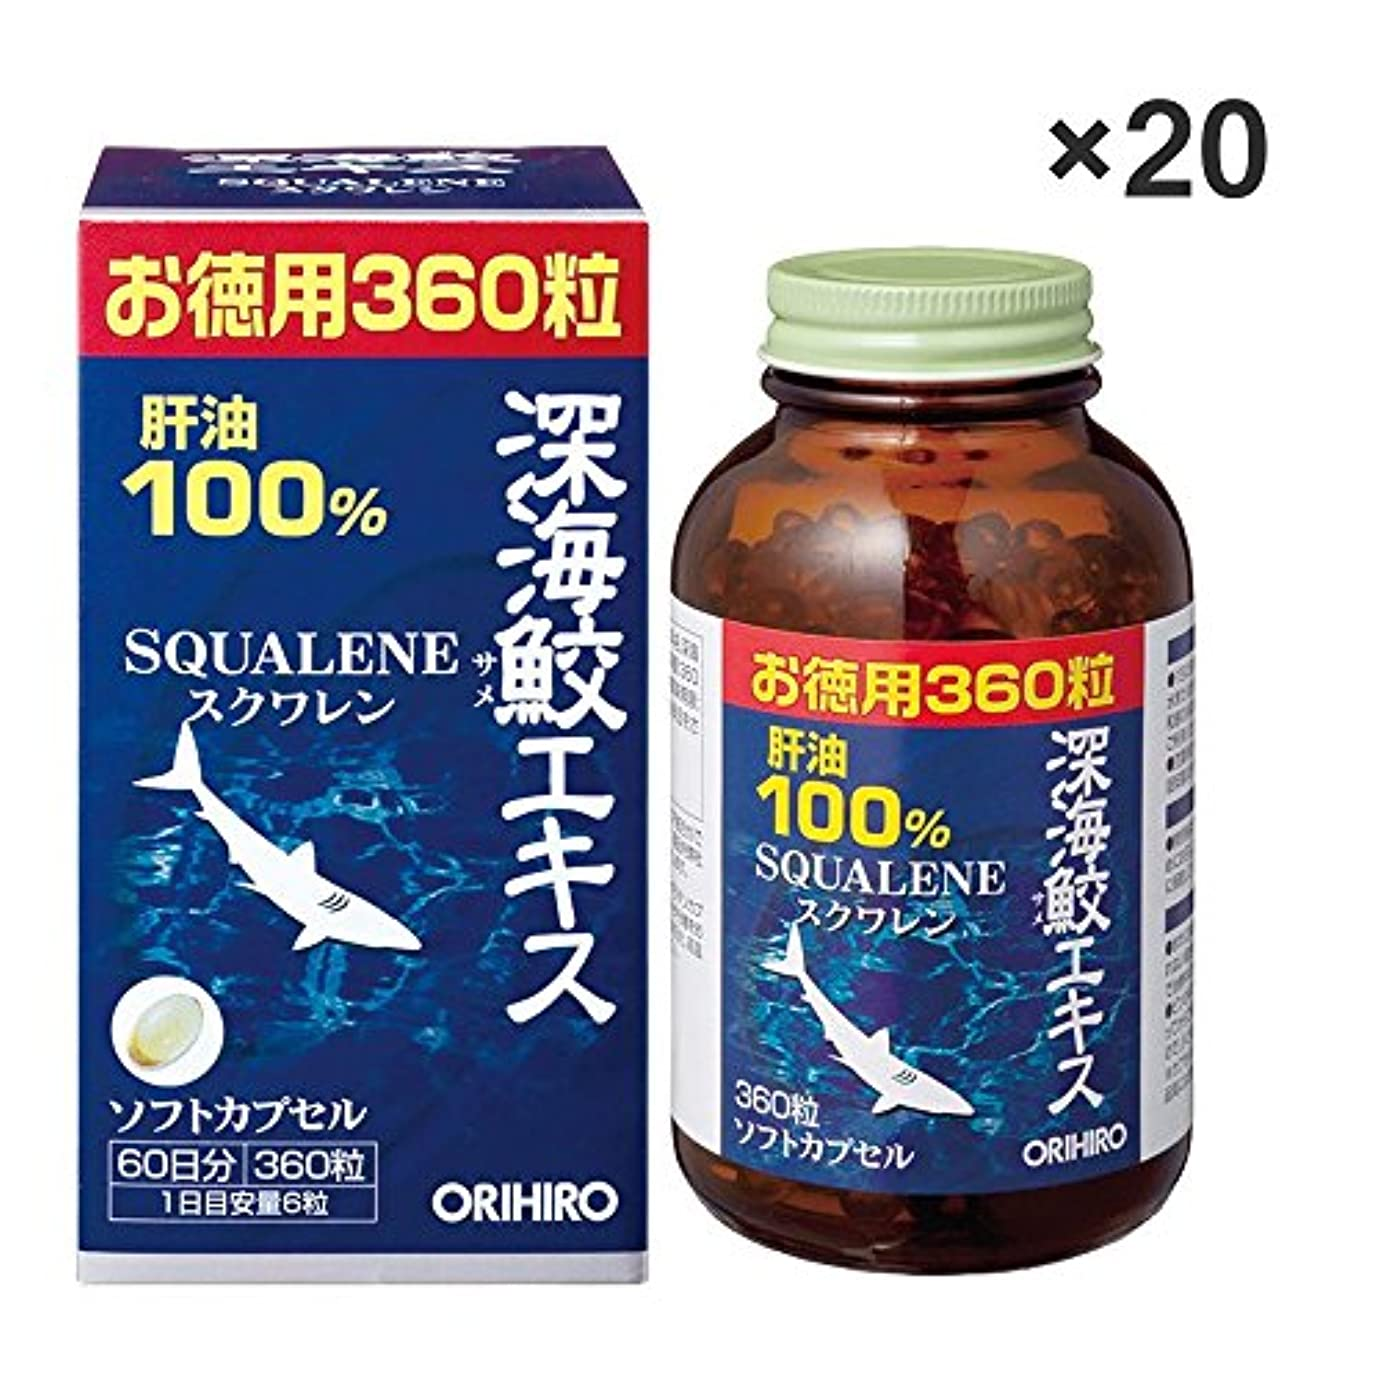 時計回り味方祝福する【20点セット】オリヒロ 深海鮫エキスカプセル徳用 360粒